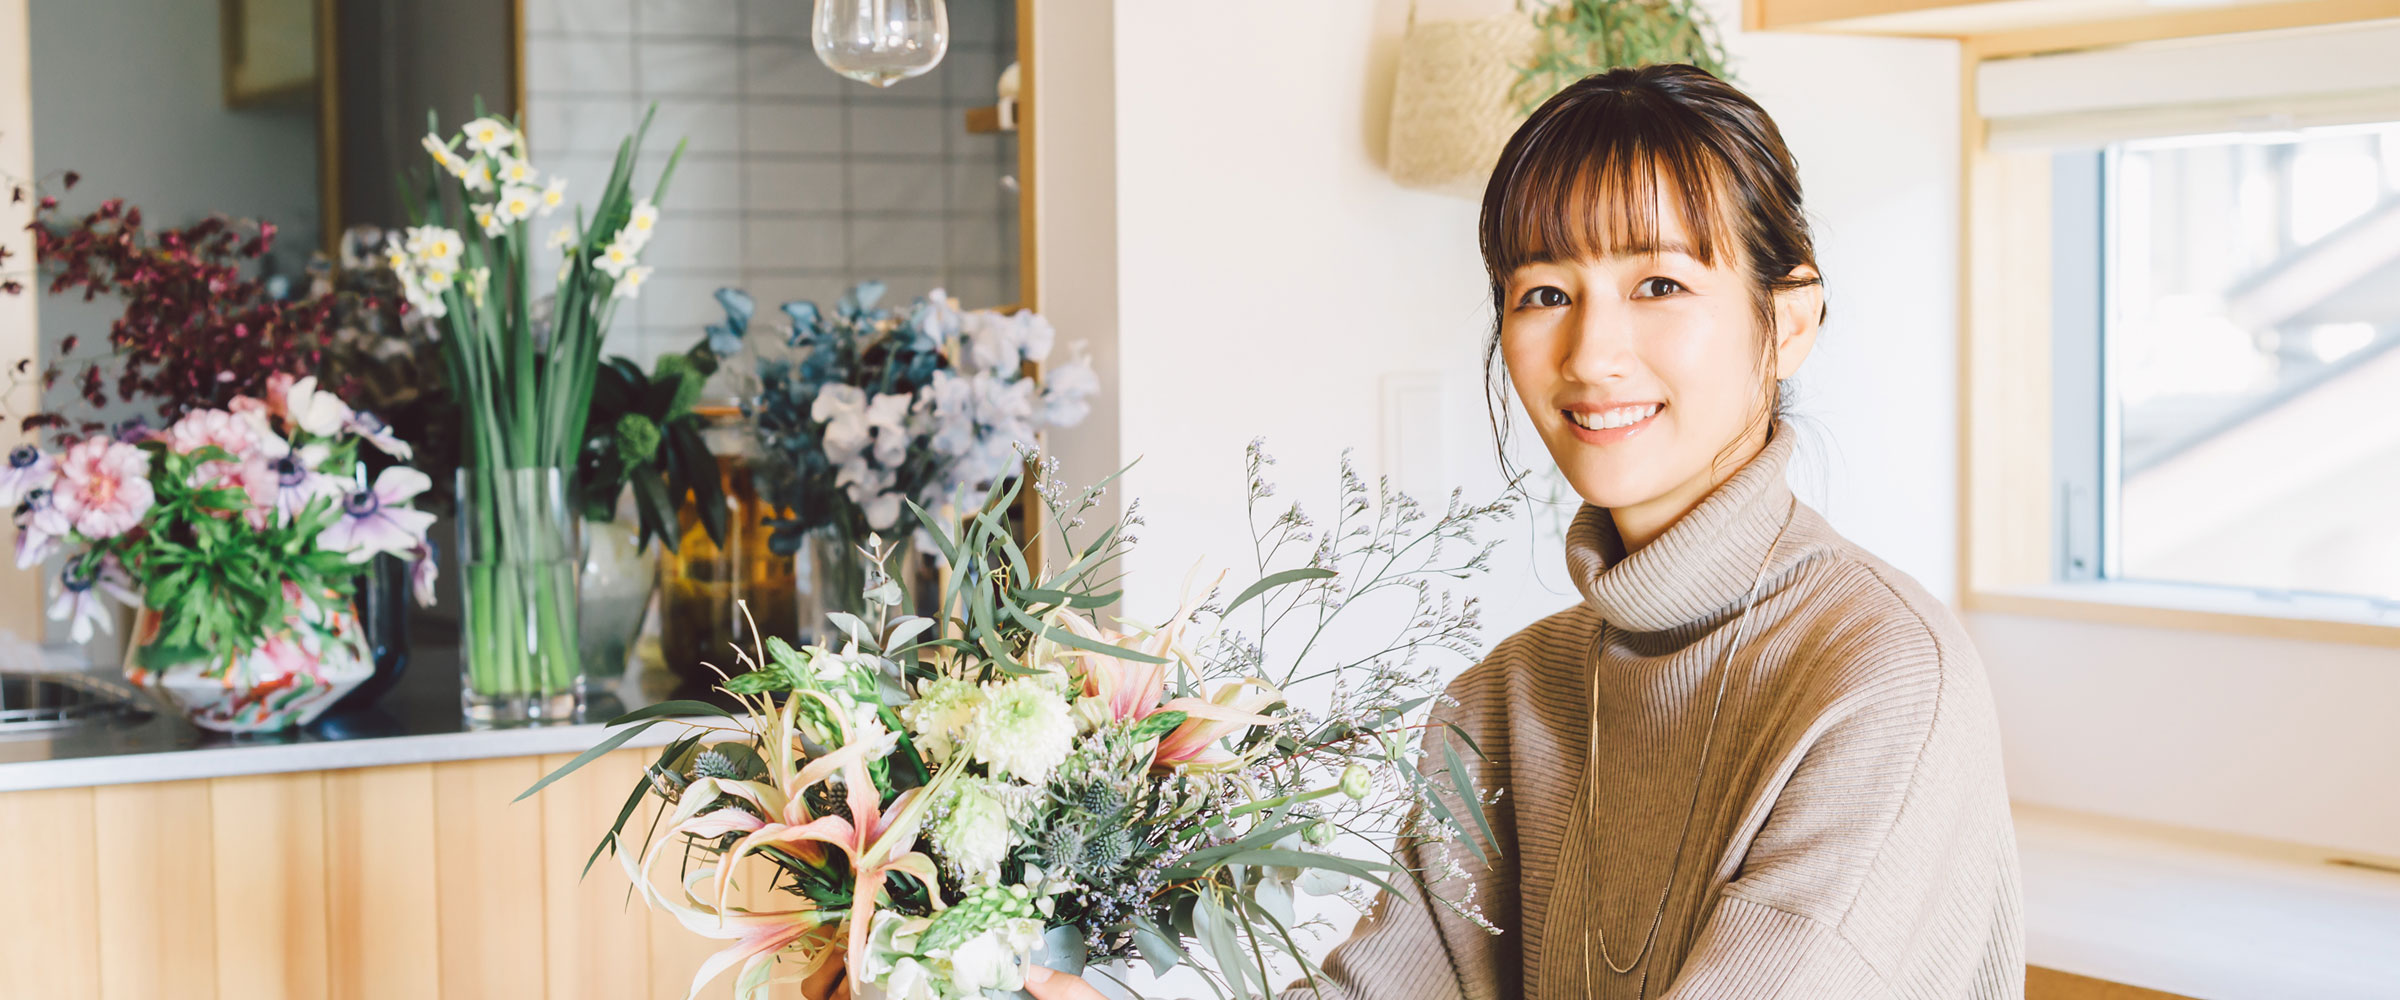 花がくれたワクワクする世界を、たくさんの人に届けたい・前田有紀さん<前編>